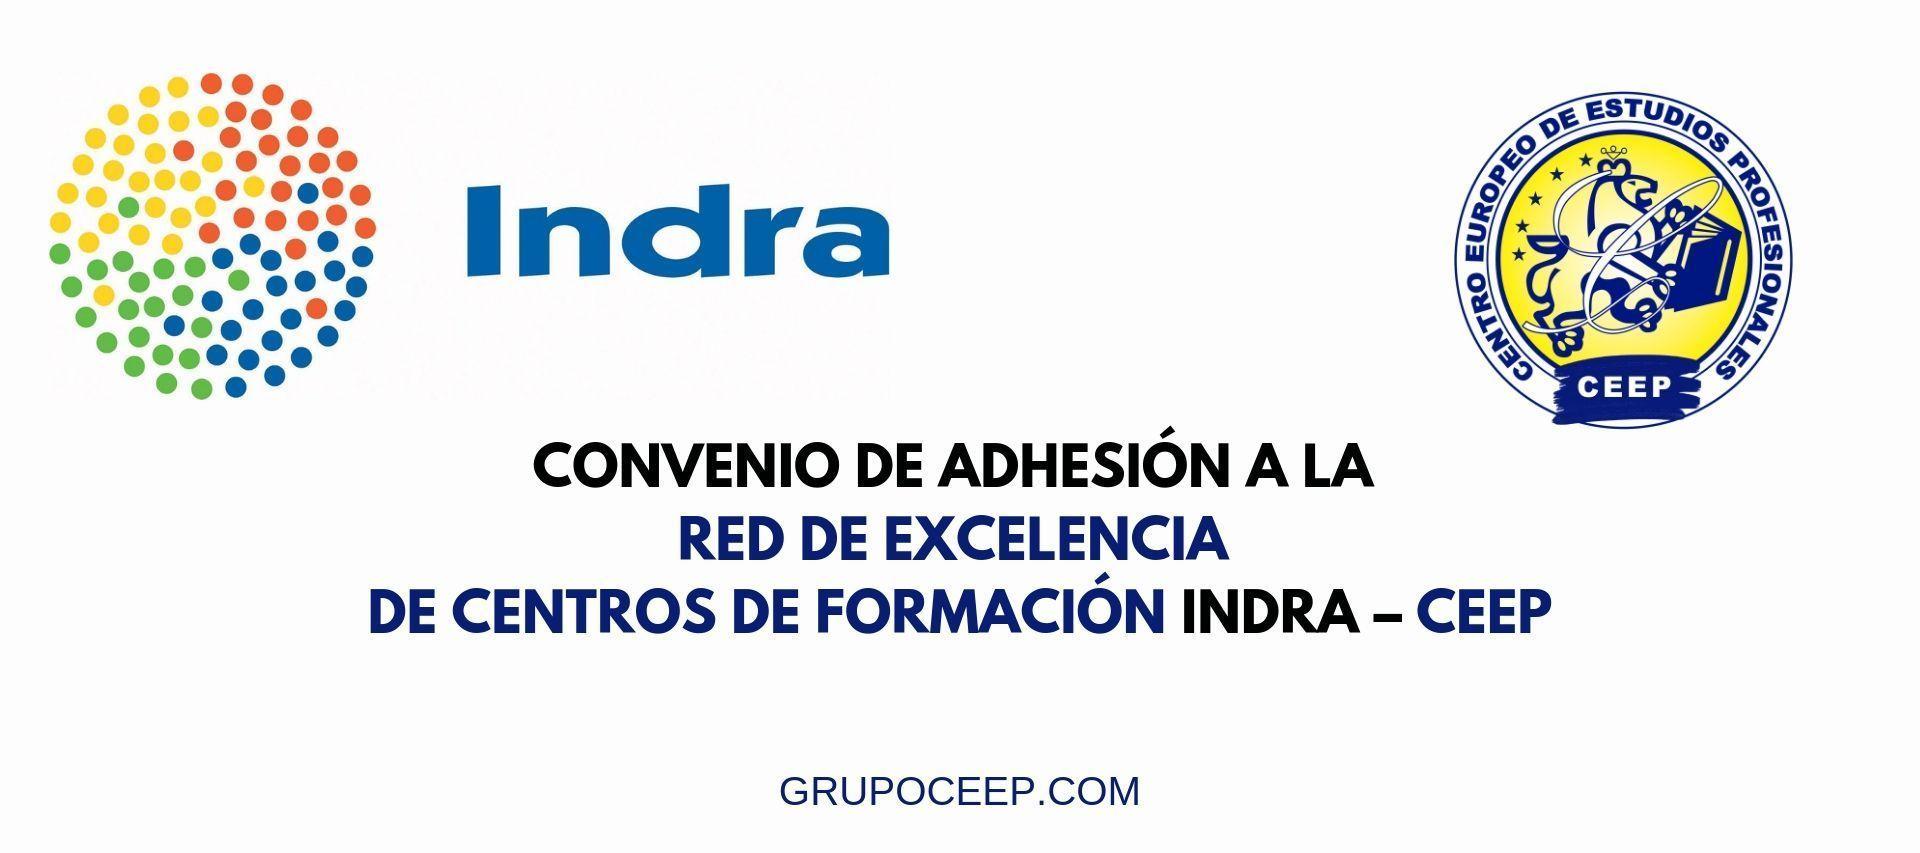 Convenio-de-adhesion-a-la-red-de-excelencia-de-Centro-de-Formacion-INDRA-CEEP